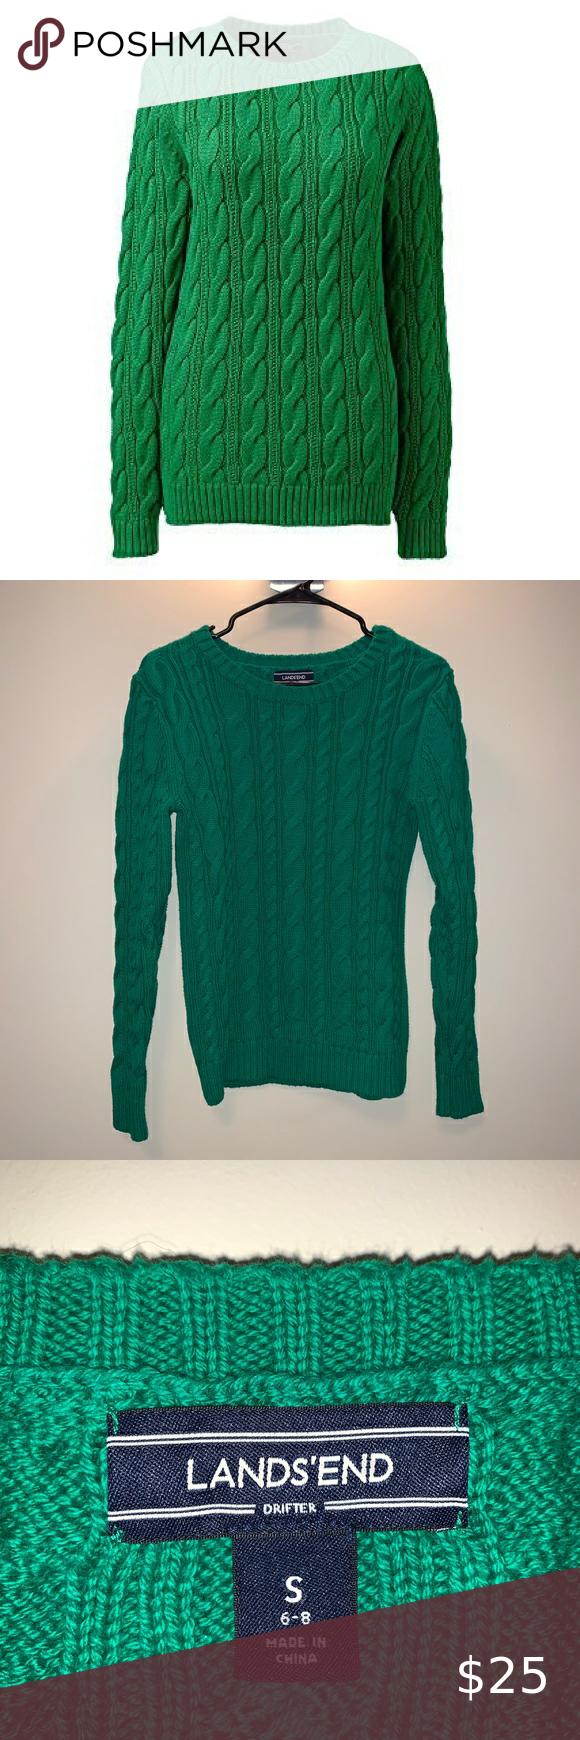 Lands End Sweatshirt In 2020 Sweatshirts Sweatshirts Women Sweatshirt Tops [ 1740 x 580 Pixel ]